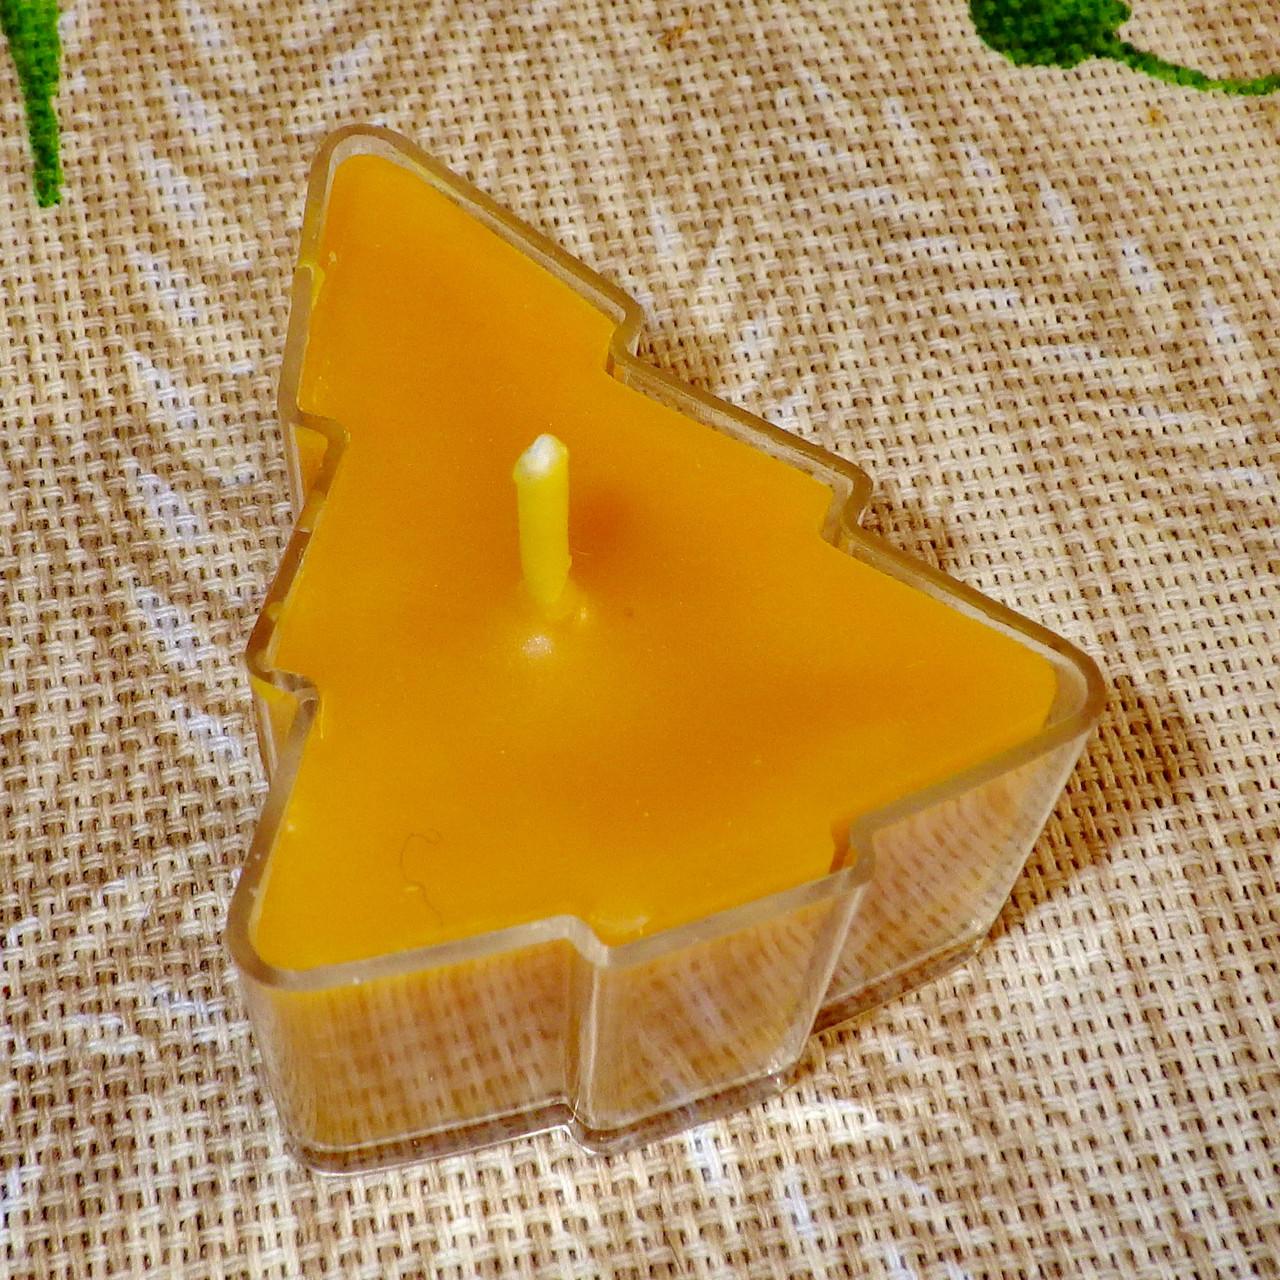 Восковая чайная свеча Ёлочка в пластиковом прозрачном контейнере; натурального пчелиный воск